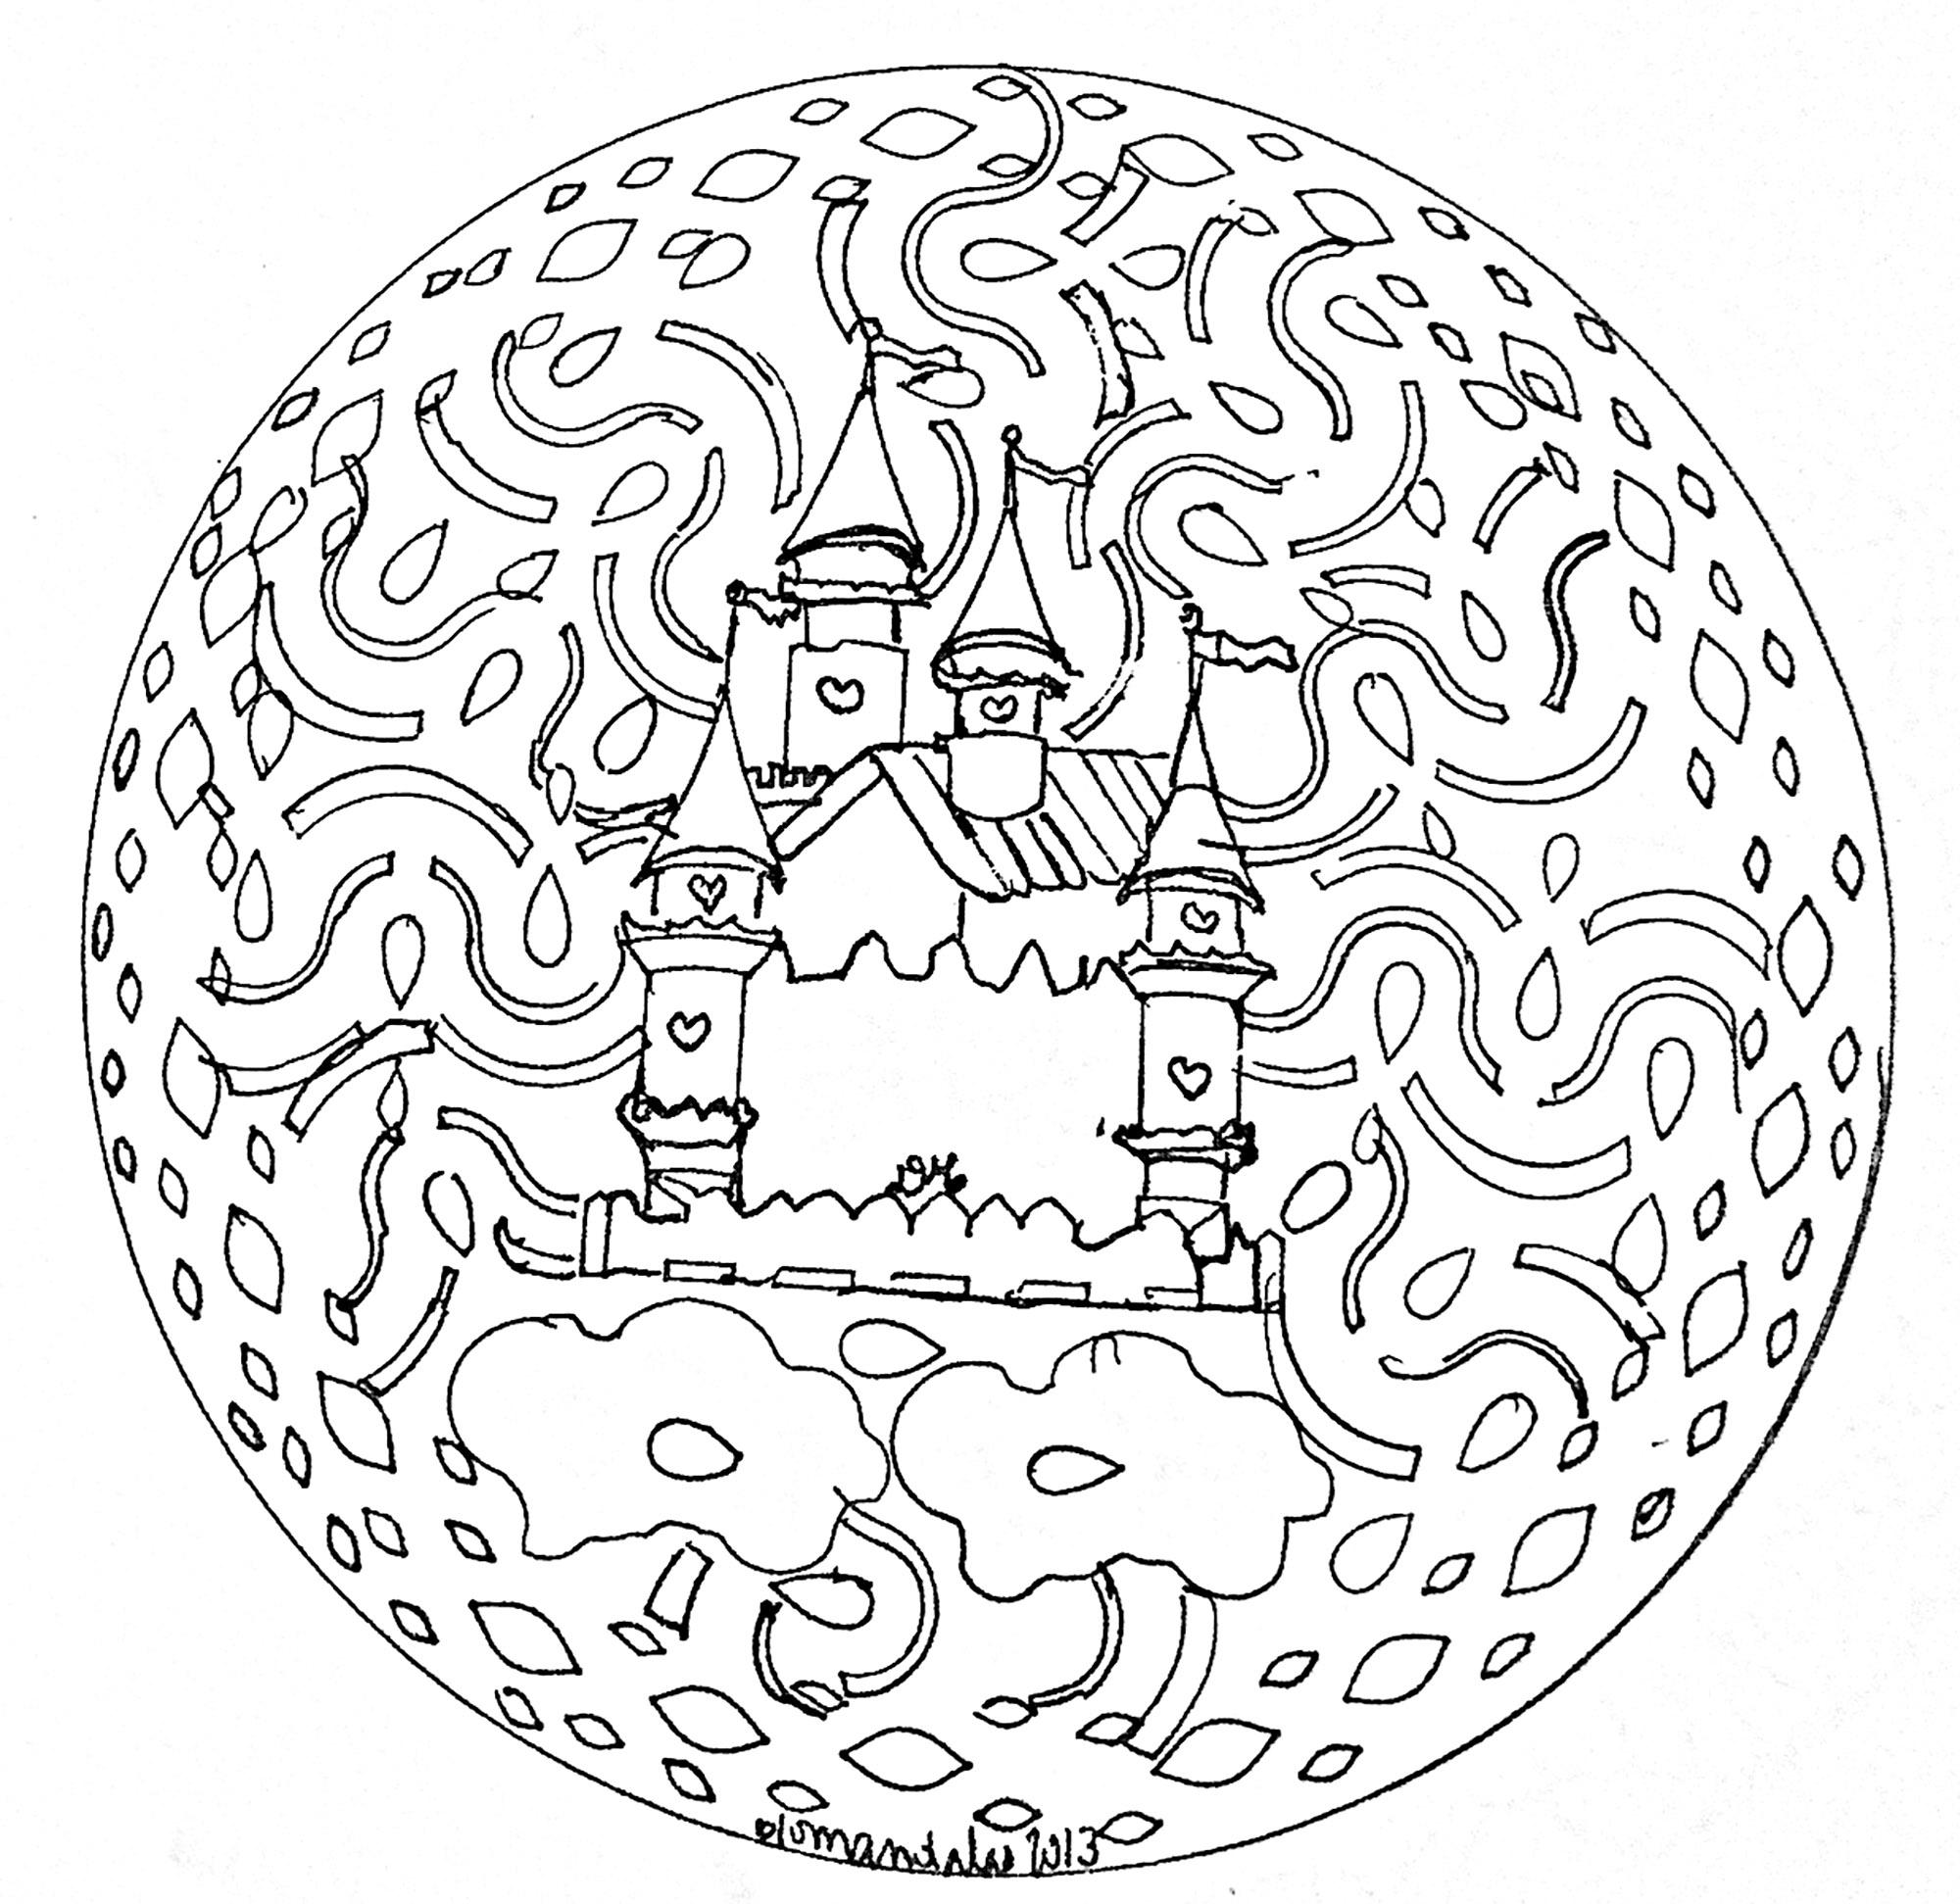 mandala facile chateau coloriage mandalas coloriages pour enfants. Black Bedroom Furniture Sets. Home Design Ideas